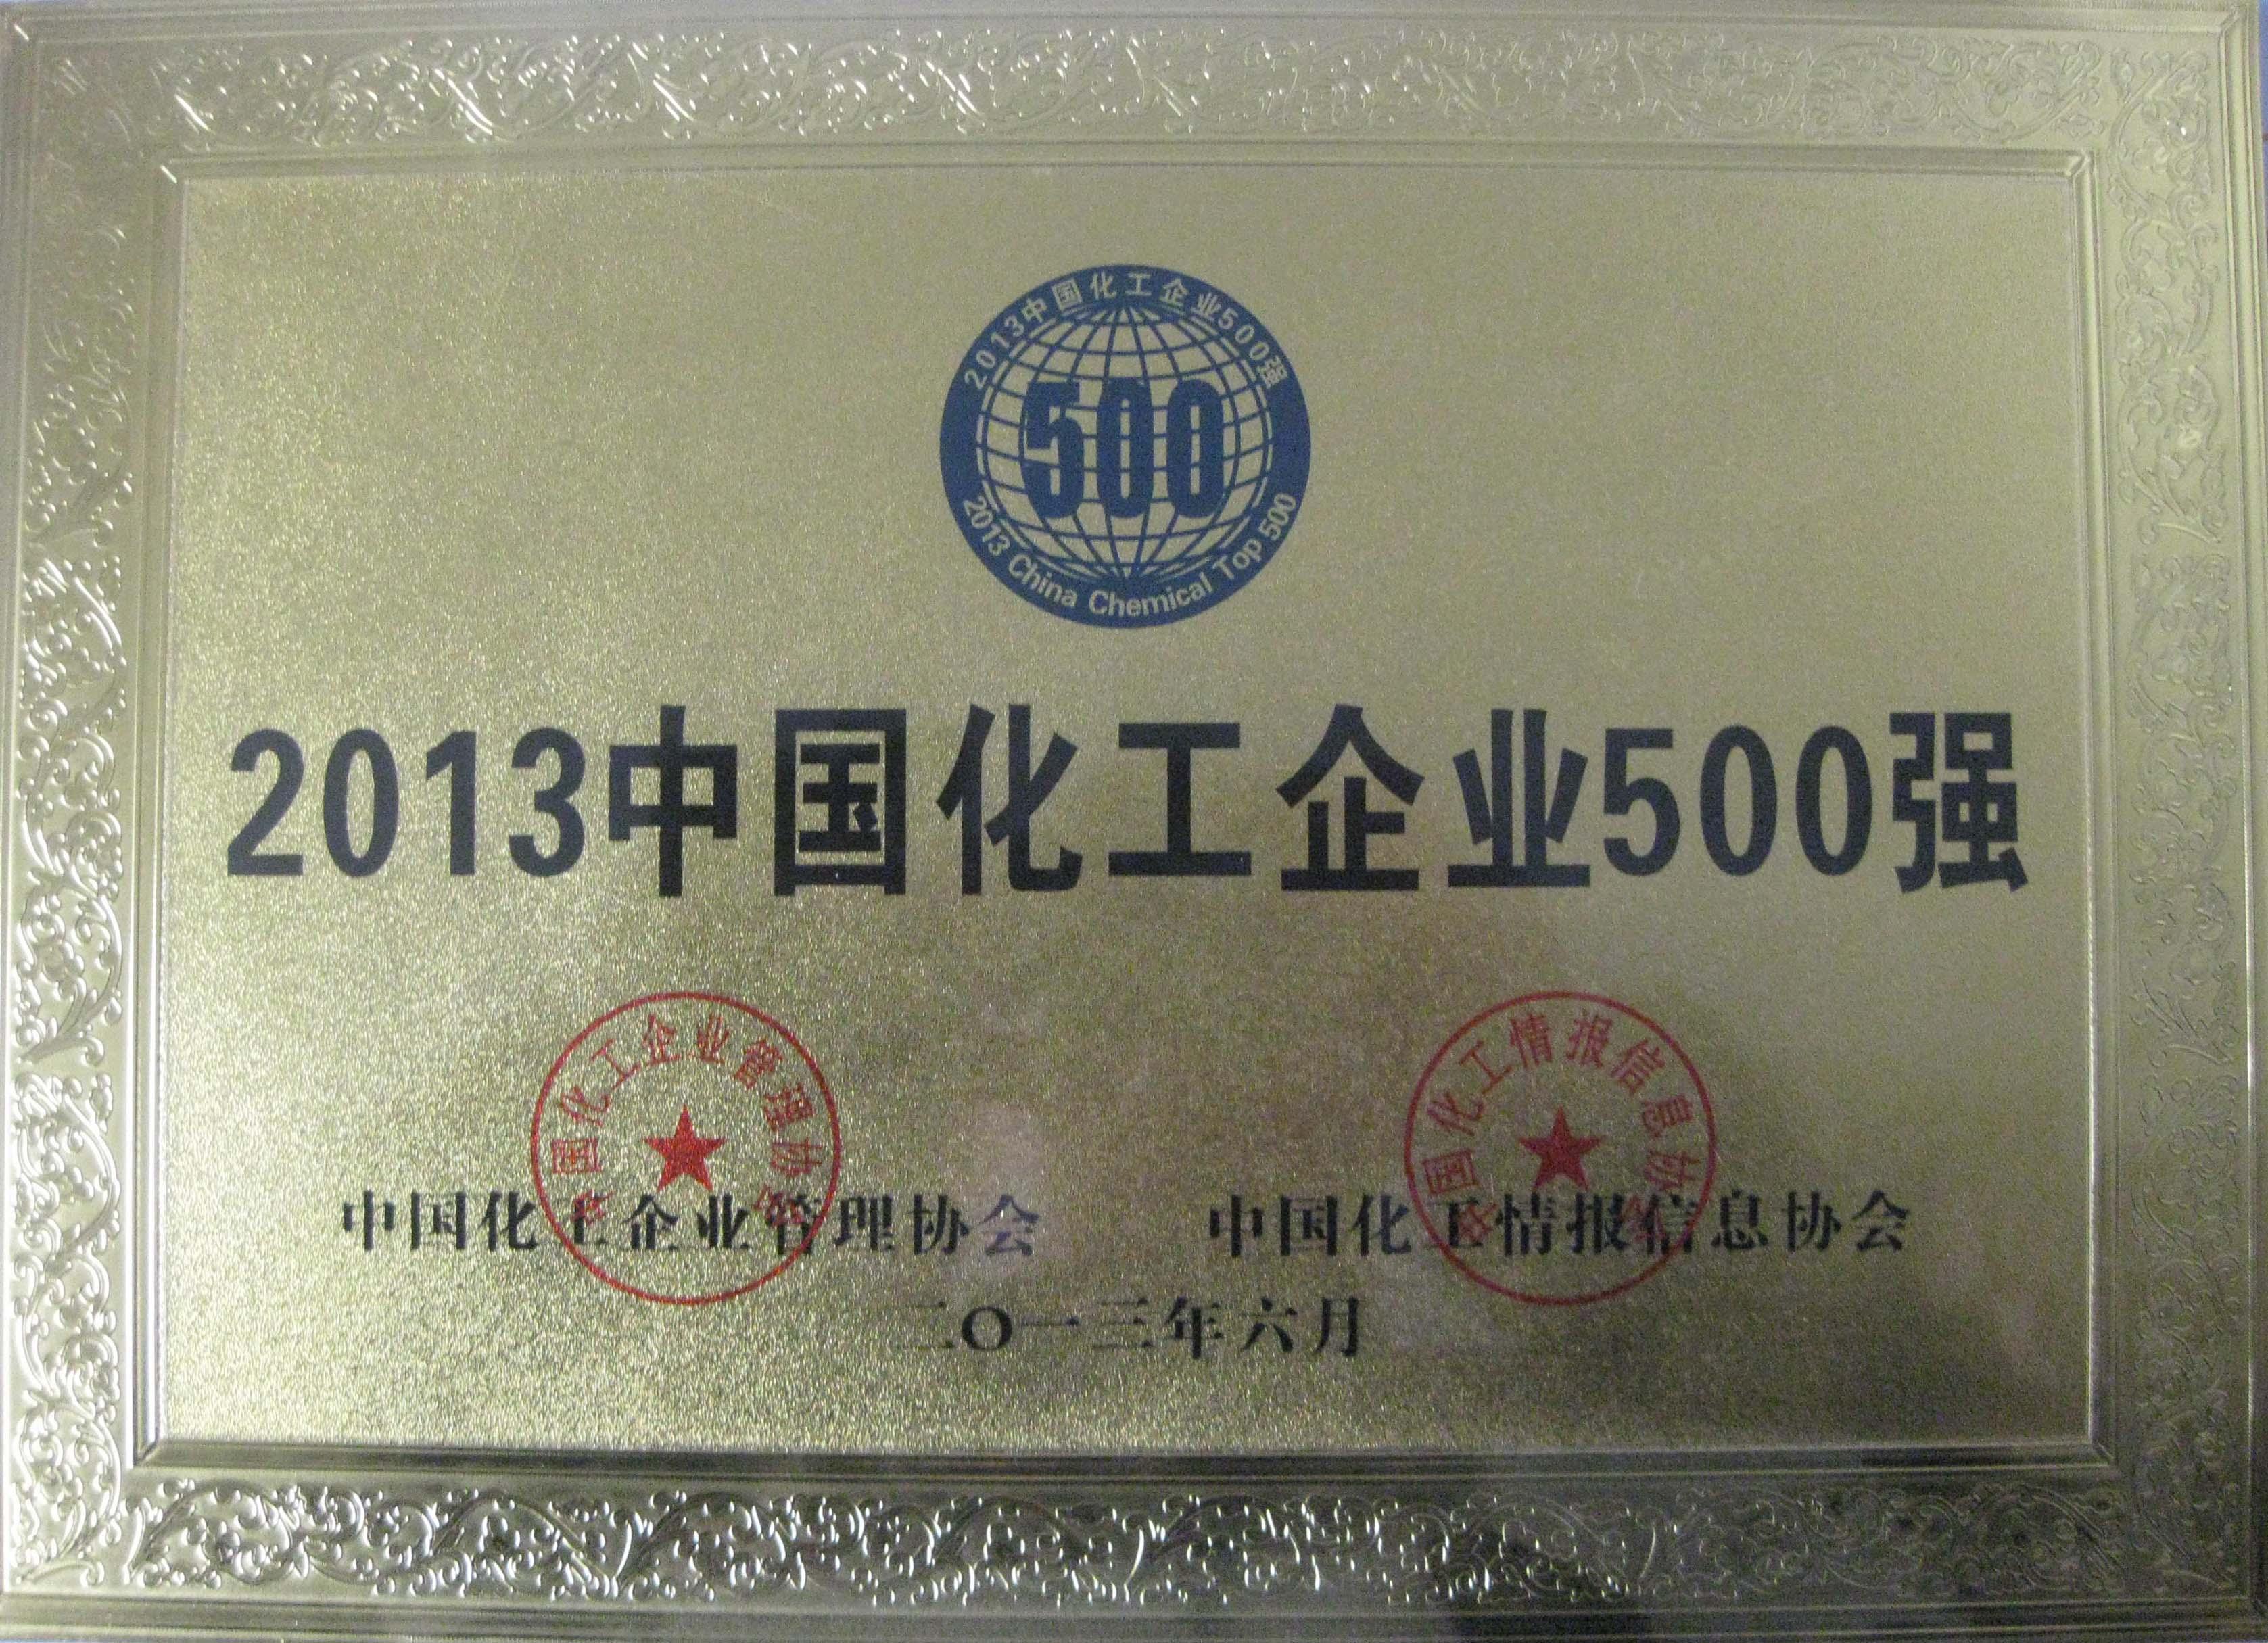 China Top 500 Chemical Enterprises